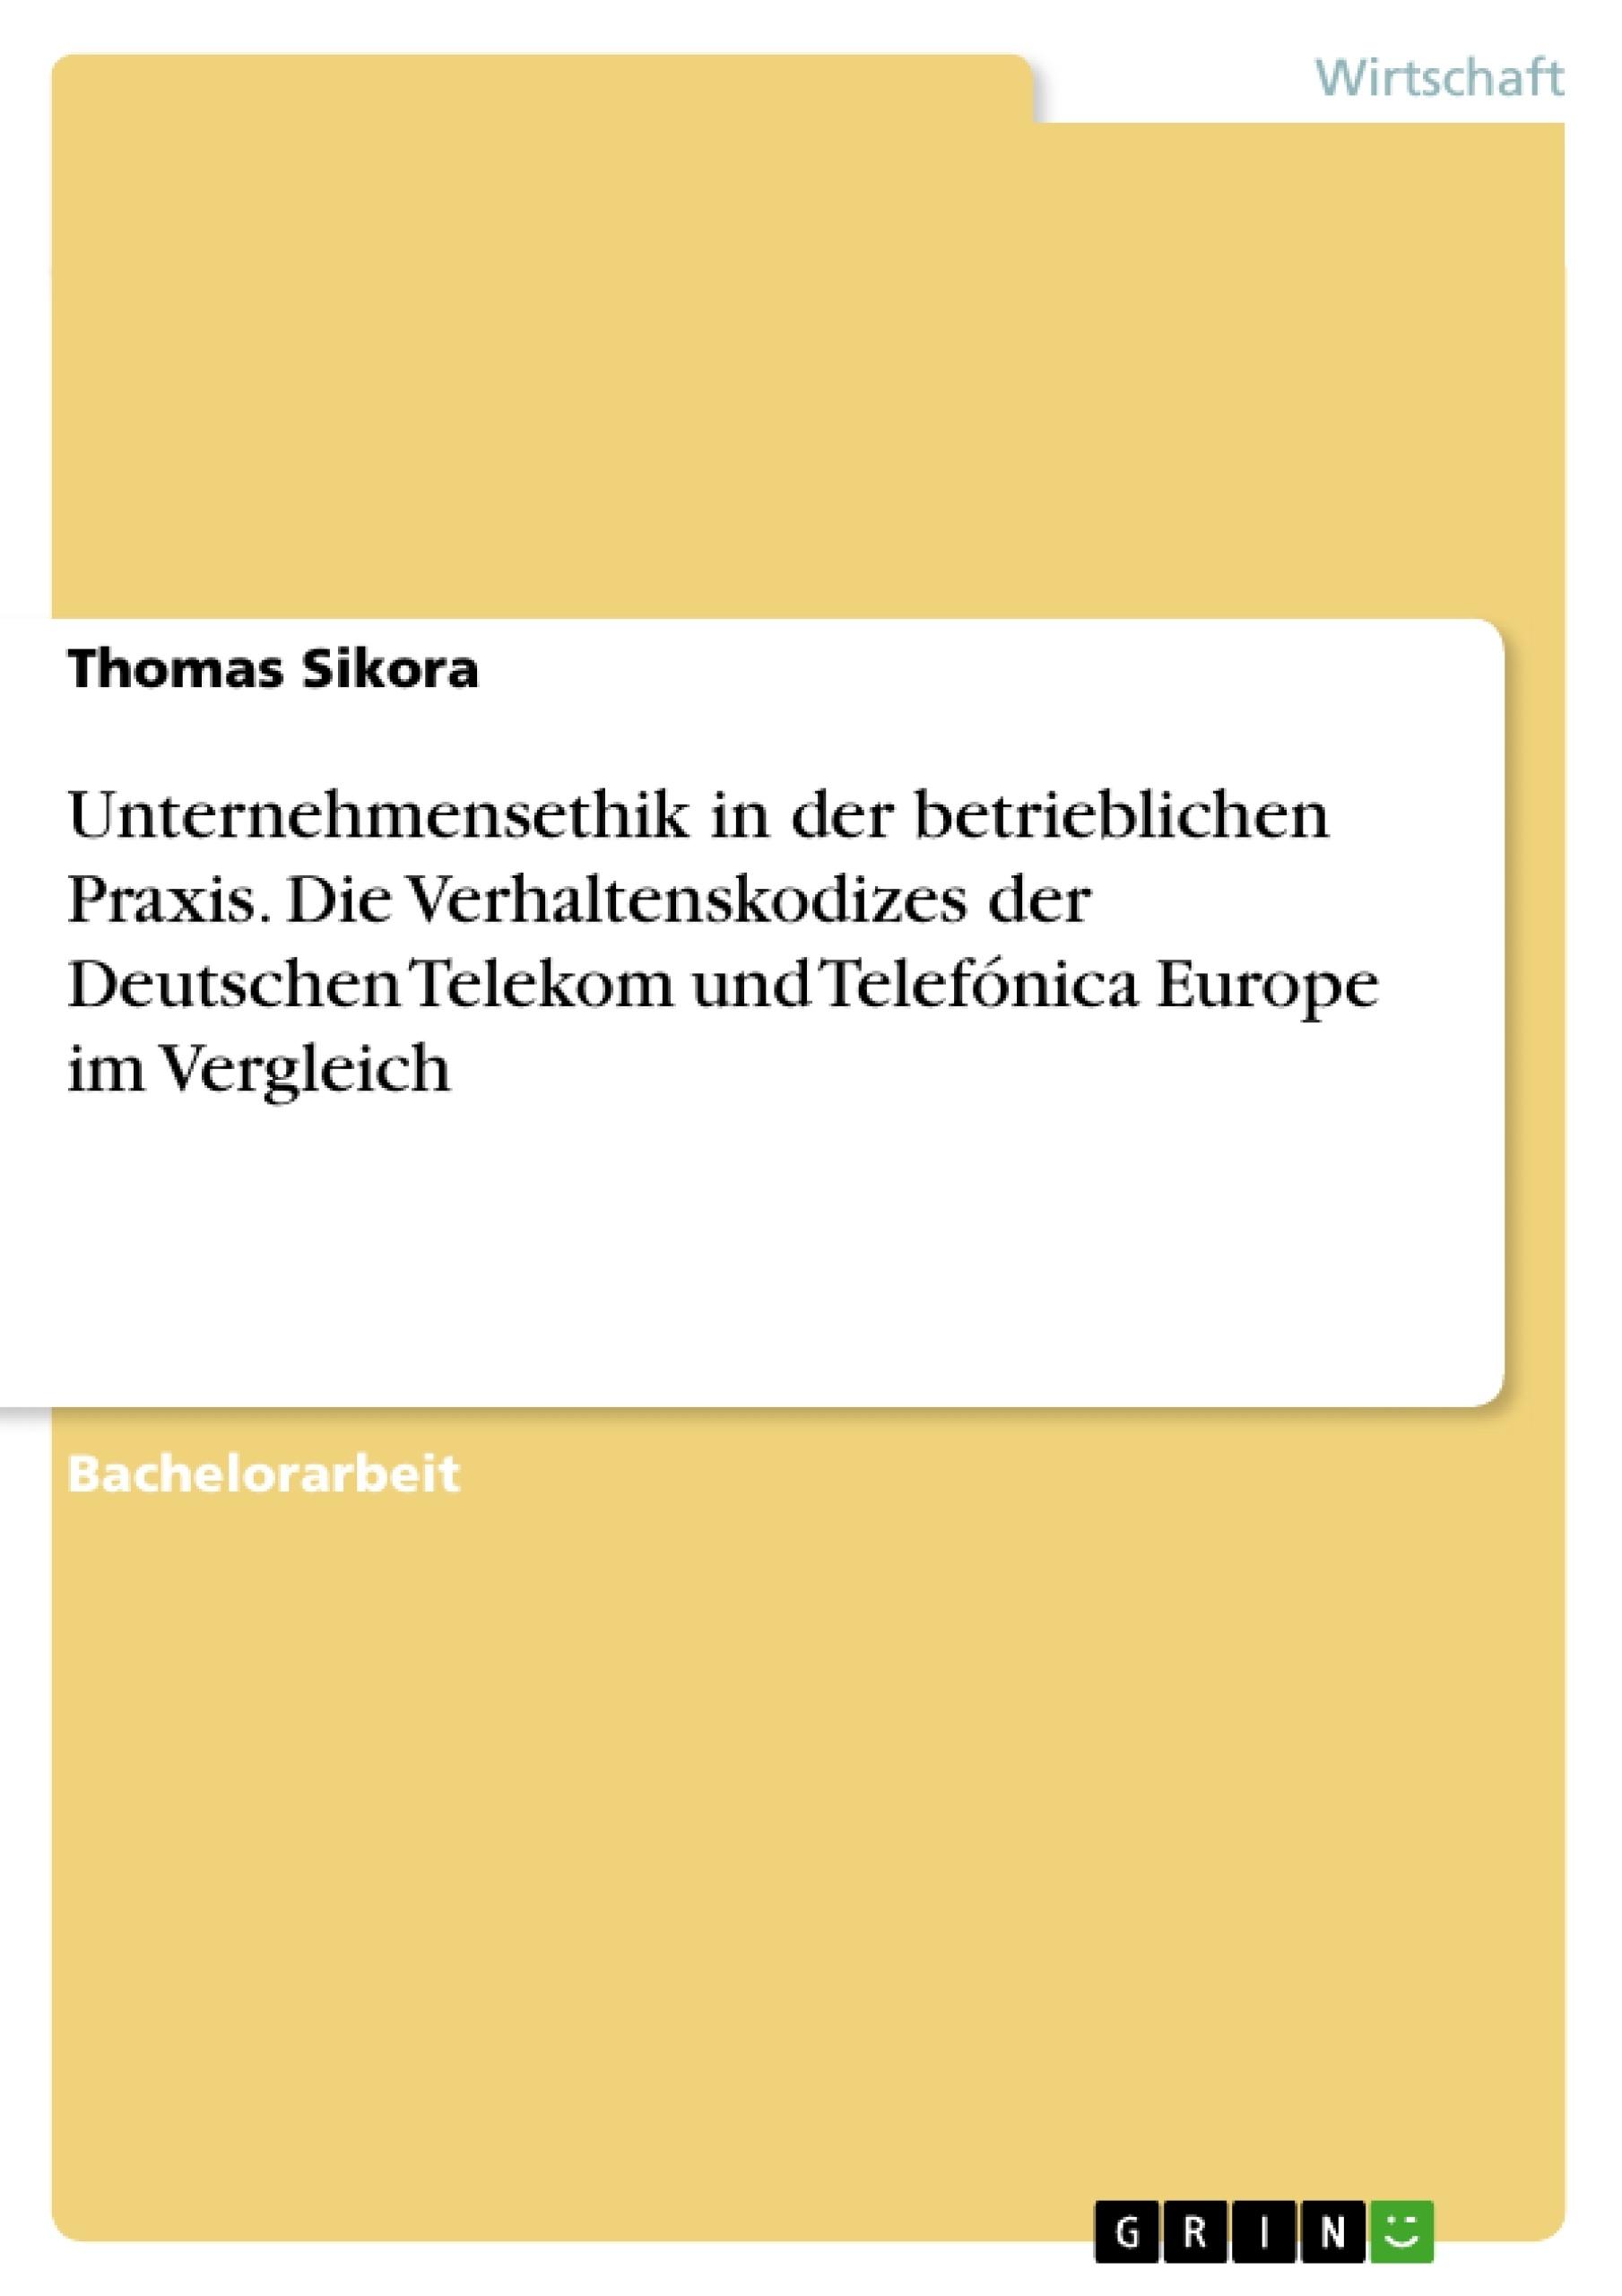 Titel: Unternehmensethik in der betrieblichen Praxis. Die Verhaltenskodizes der Deutschen Telekom und Telefónica Europe im Vergleich